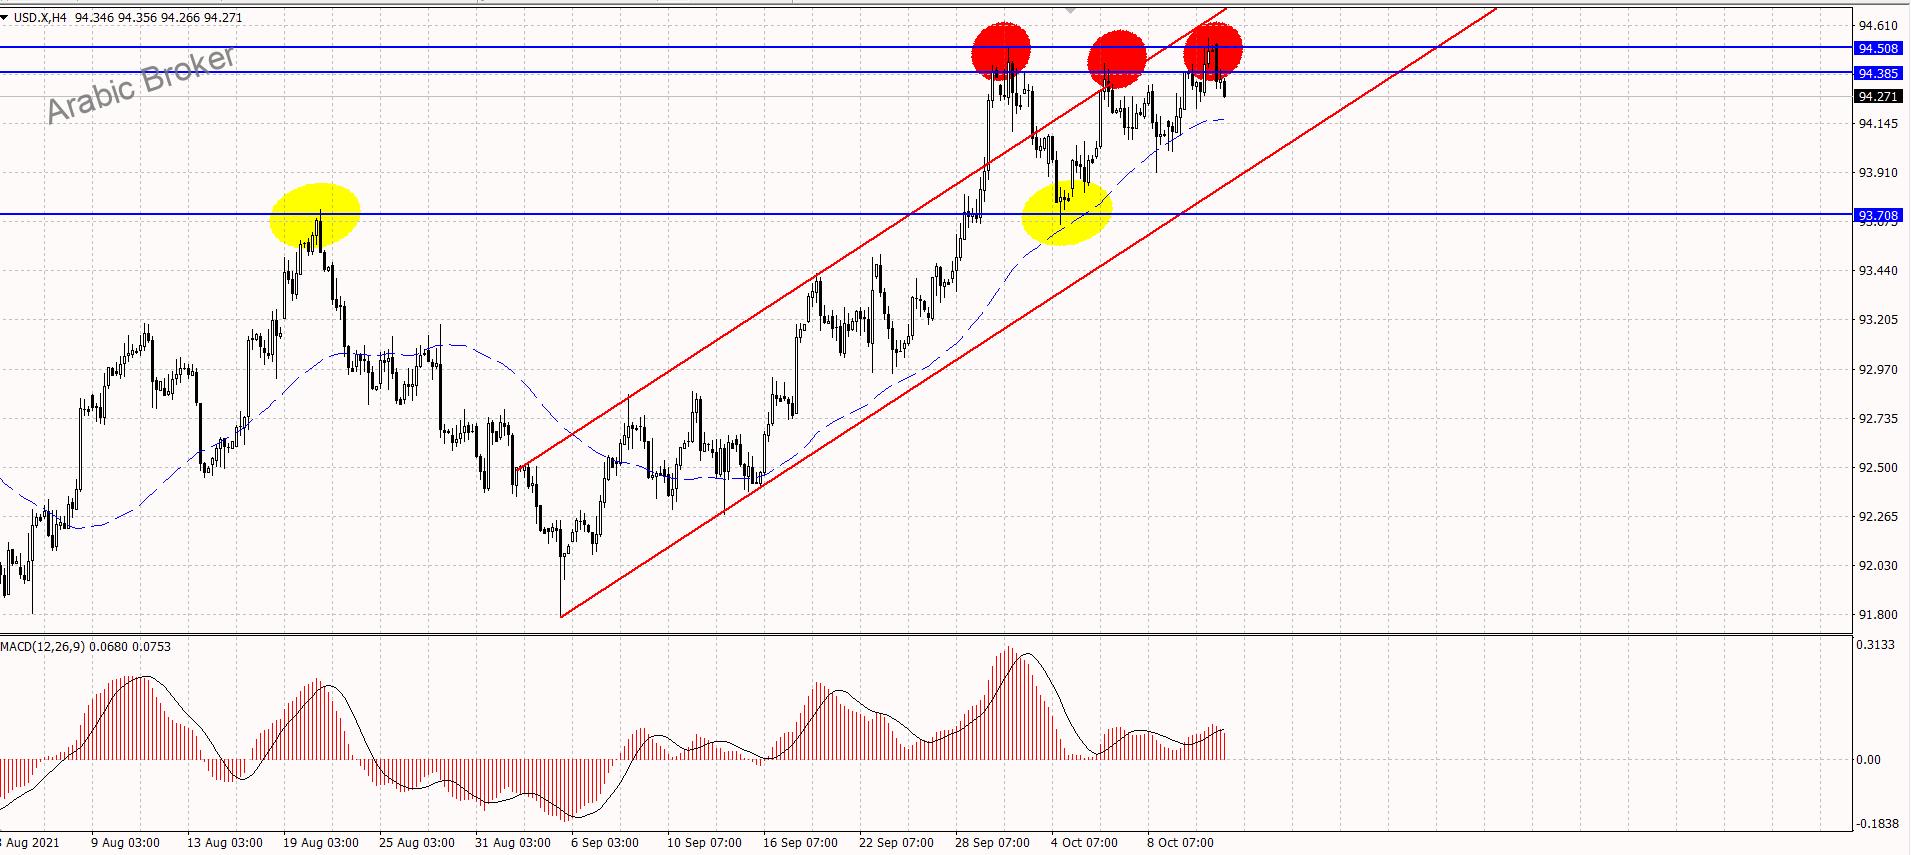 مؤشر الدولار يستمر نحو الصعود